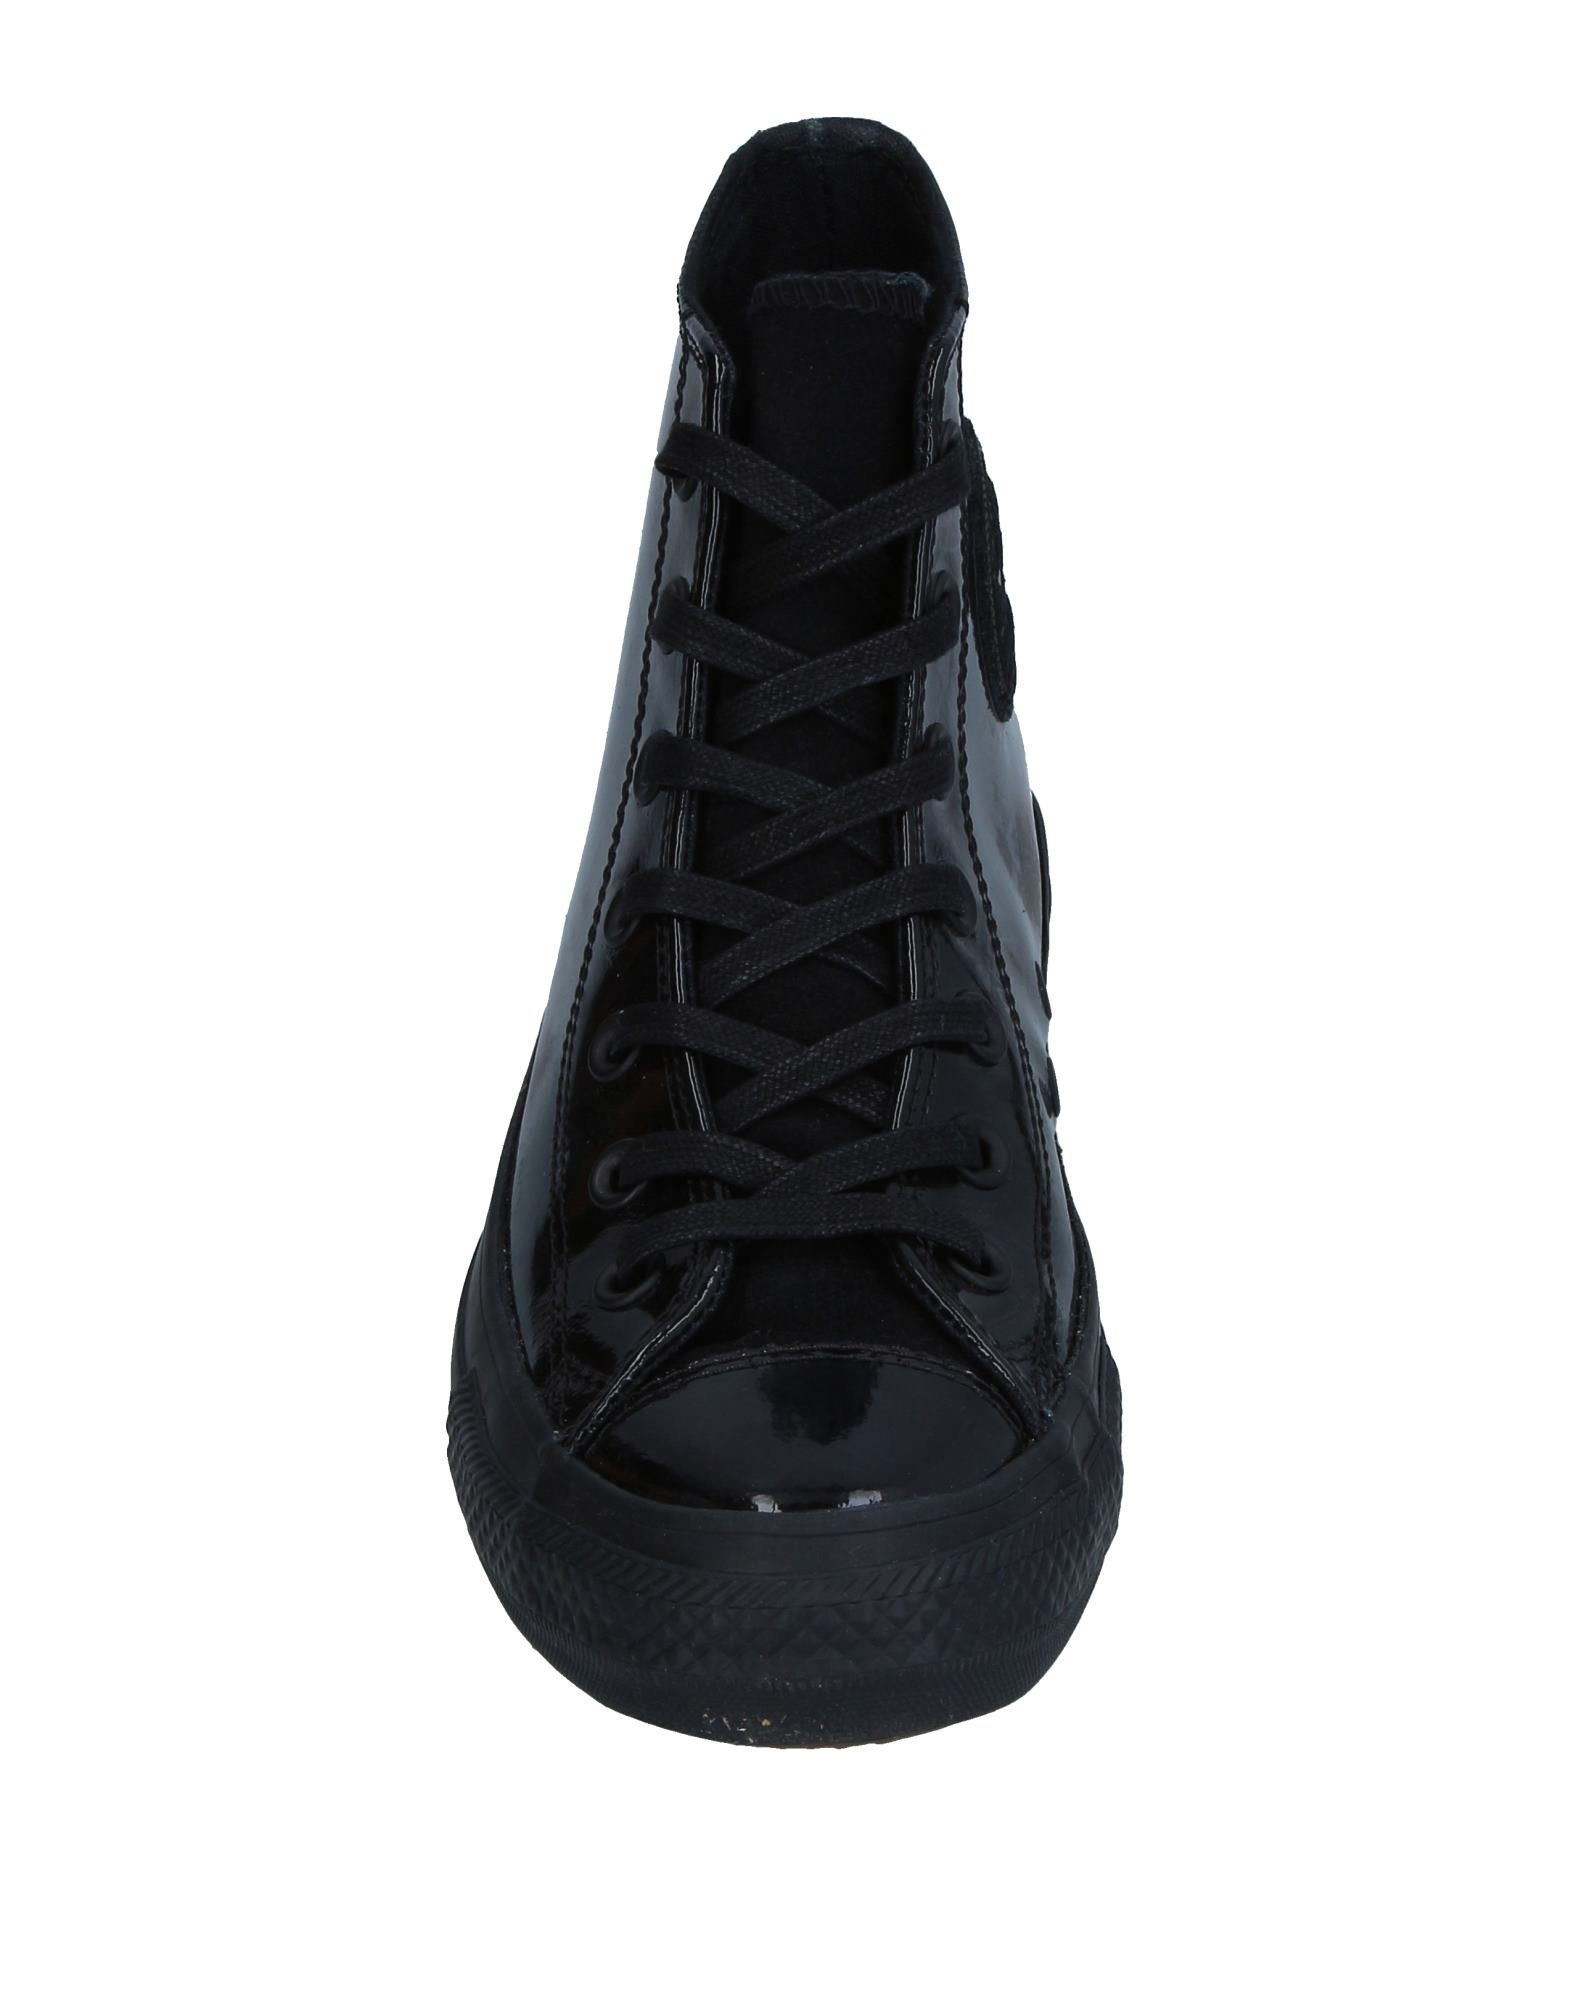 Converse All Star Sneakers Damen  11338033XE Gute Qualität beliebte Schuhe